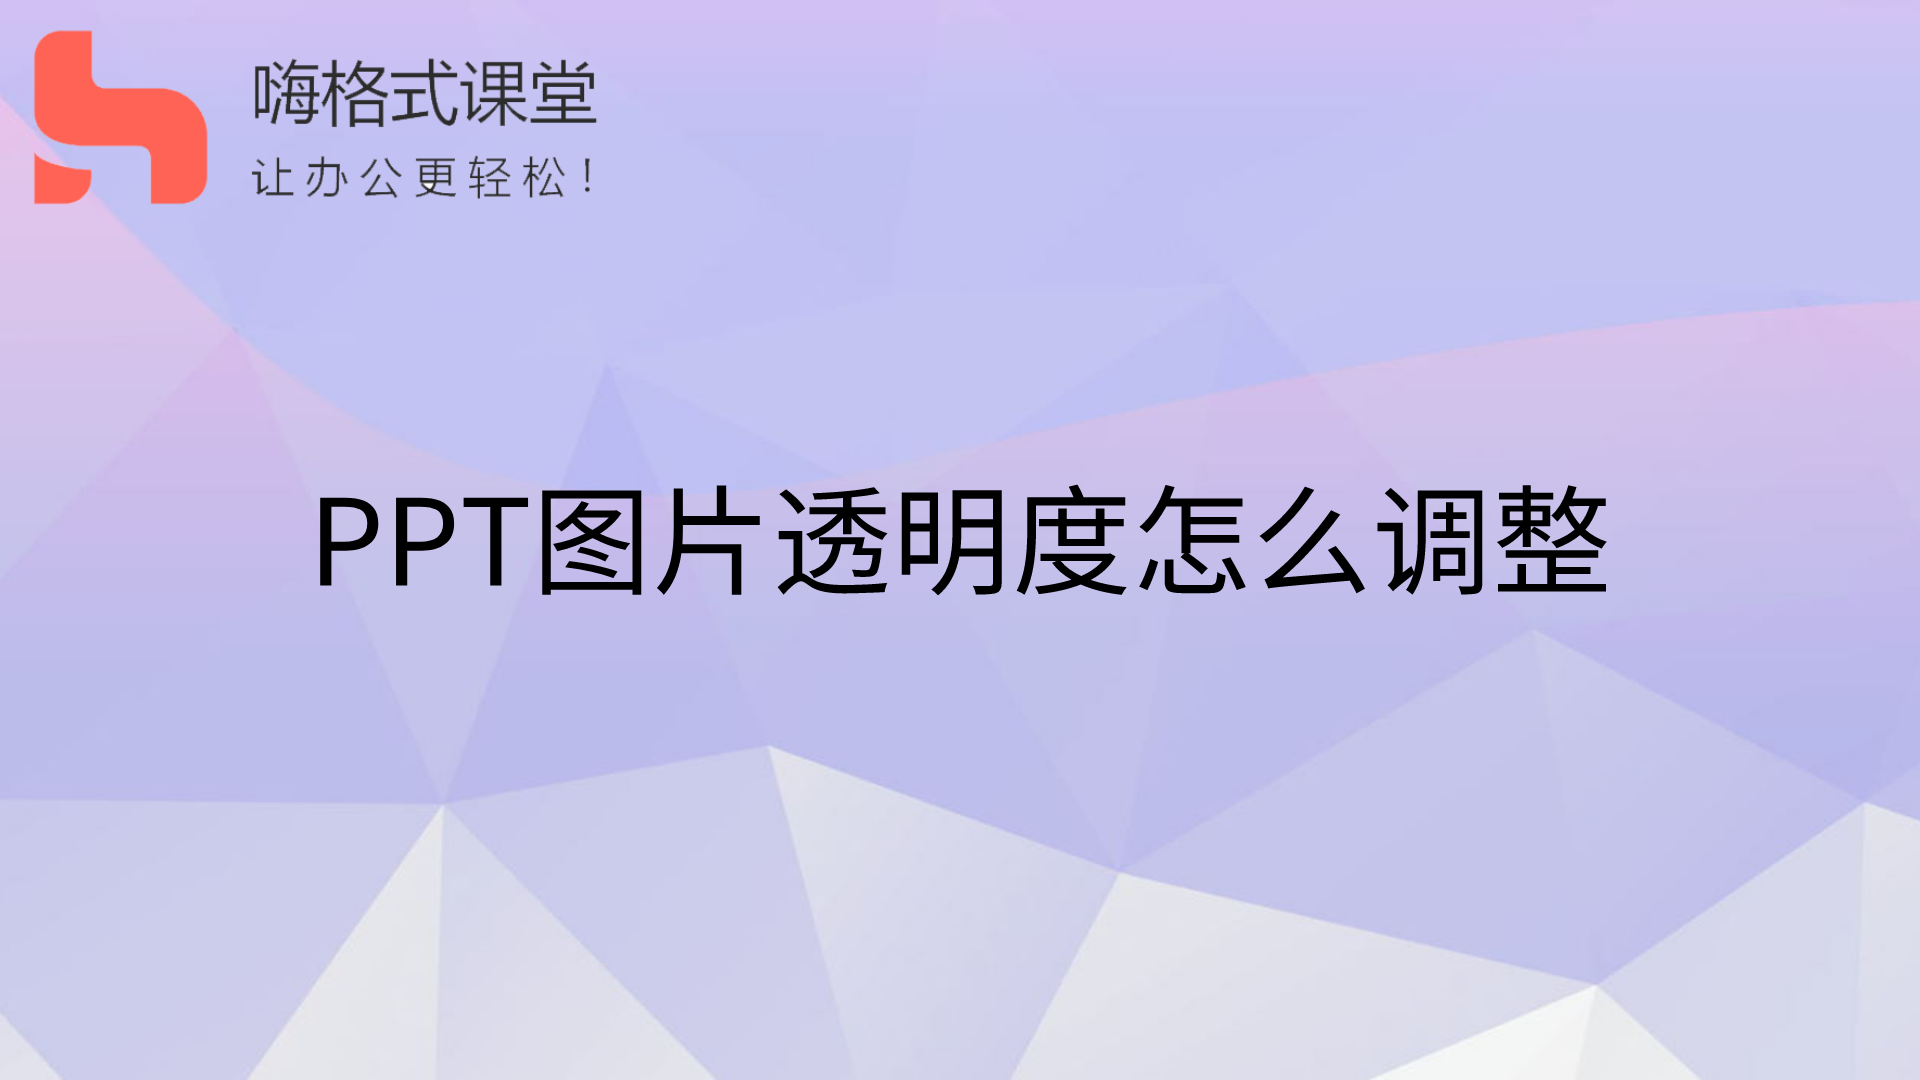 PPT图片透明度怎么调整